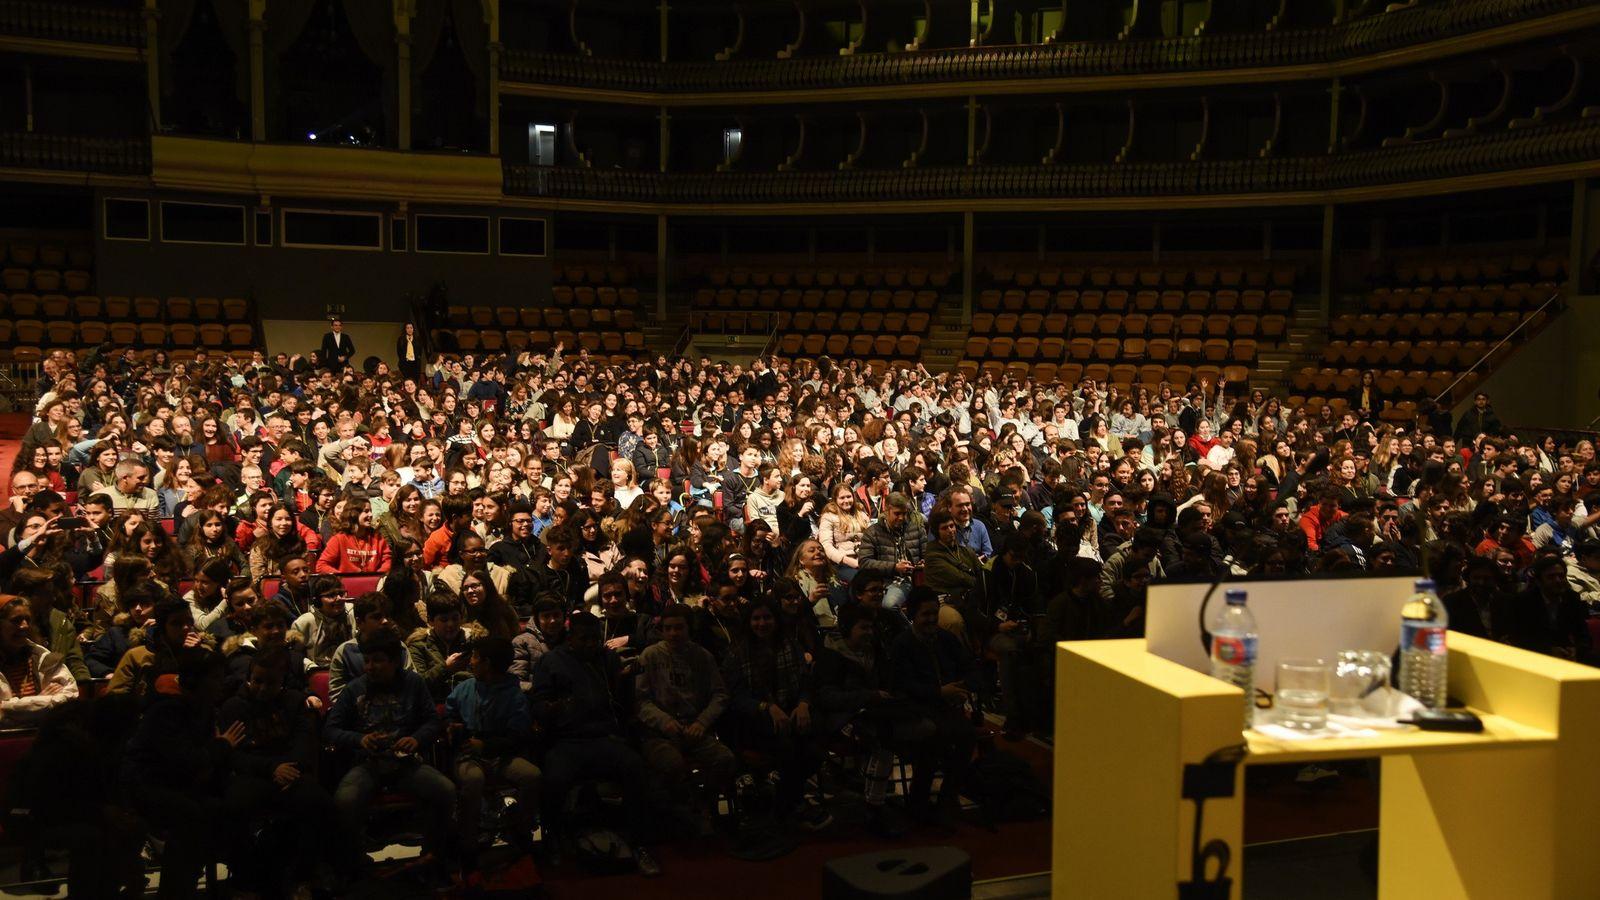 Vista geral da plateia do Coliseu dos Recreios no National Geographic Summit 2018